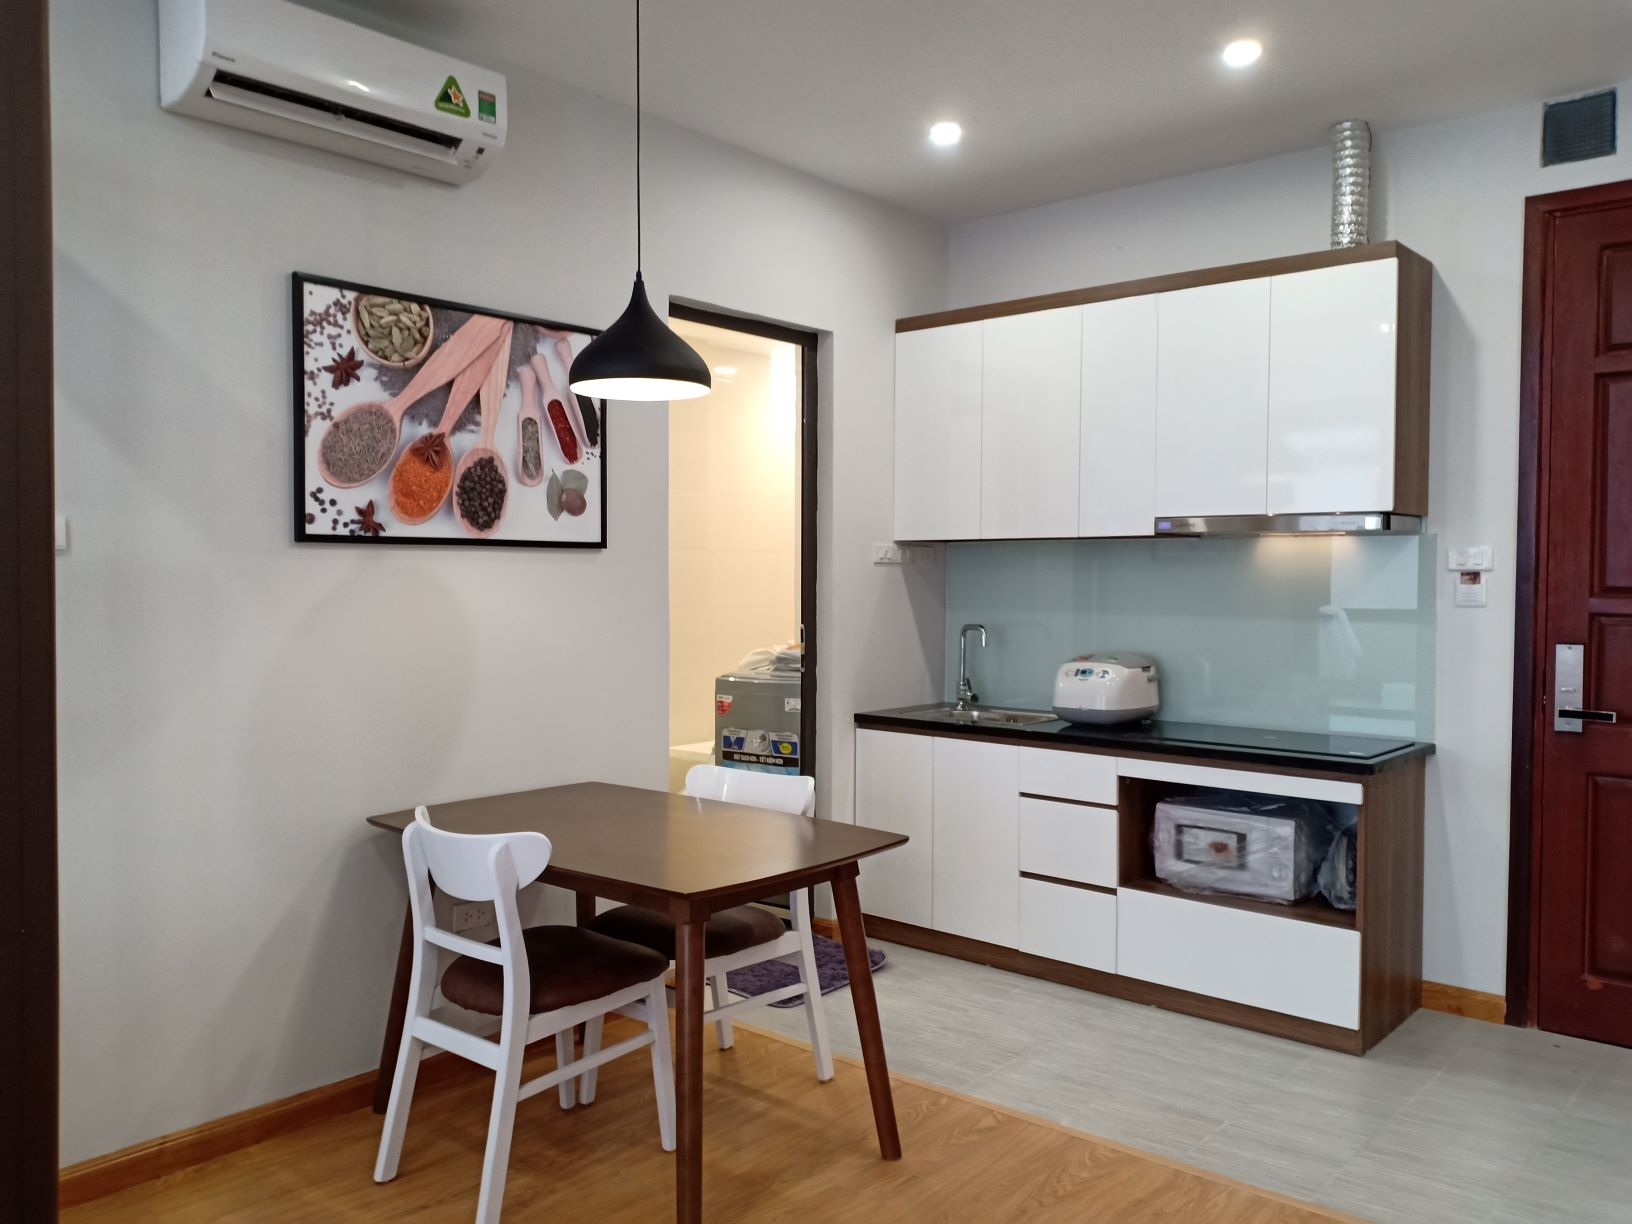 コウザイ区における新築のサービスアパート